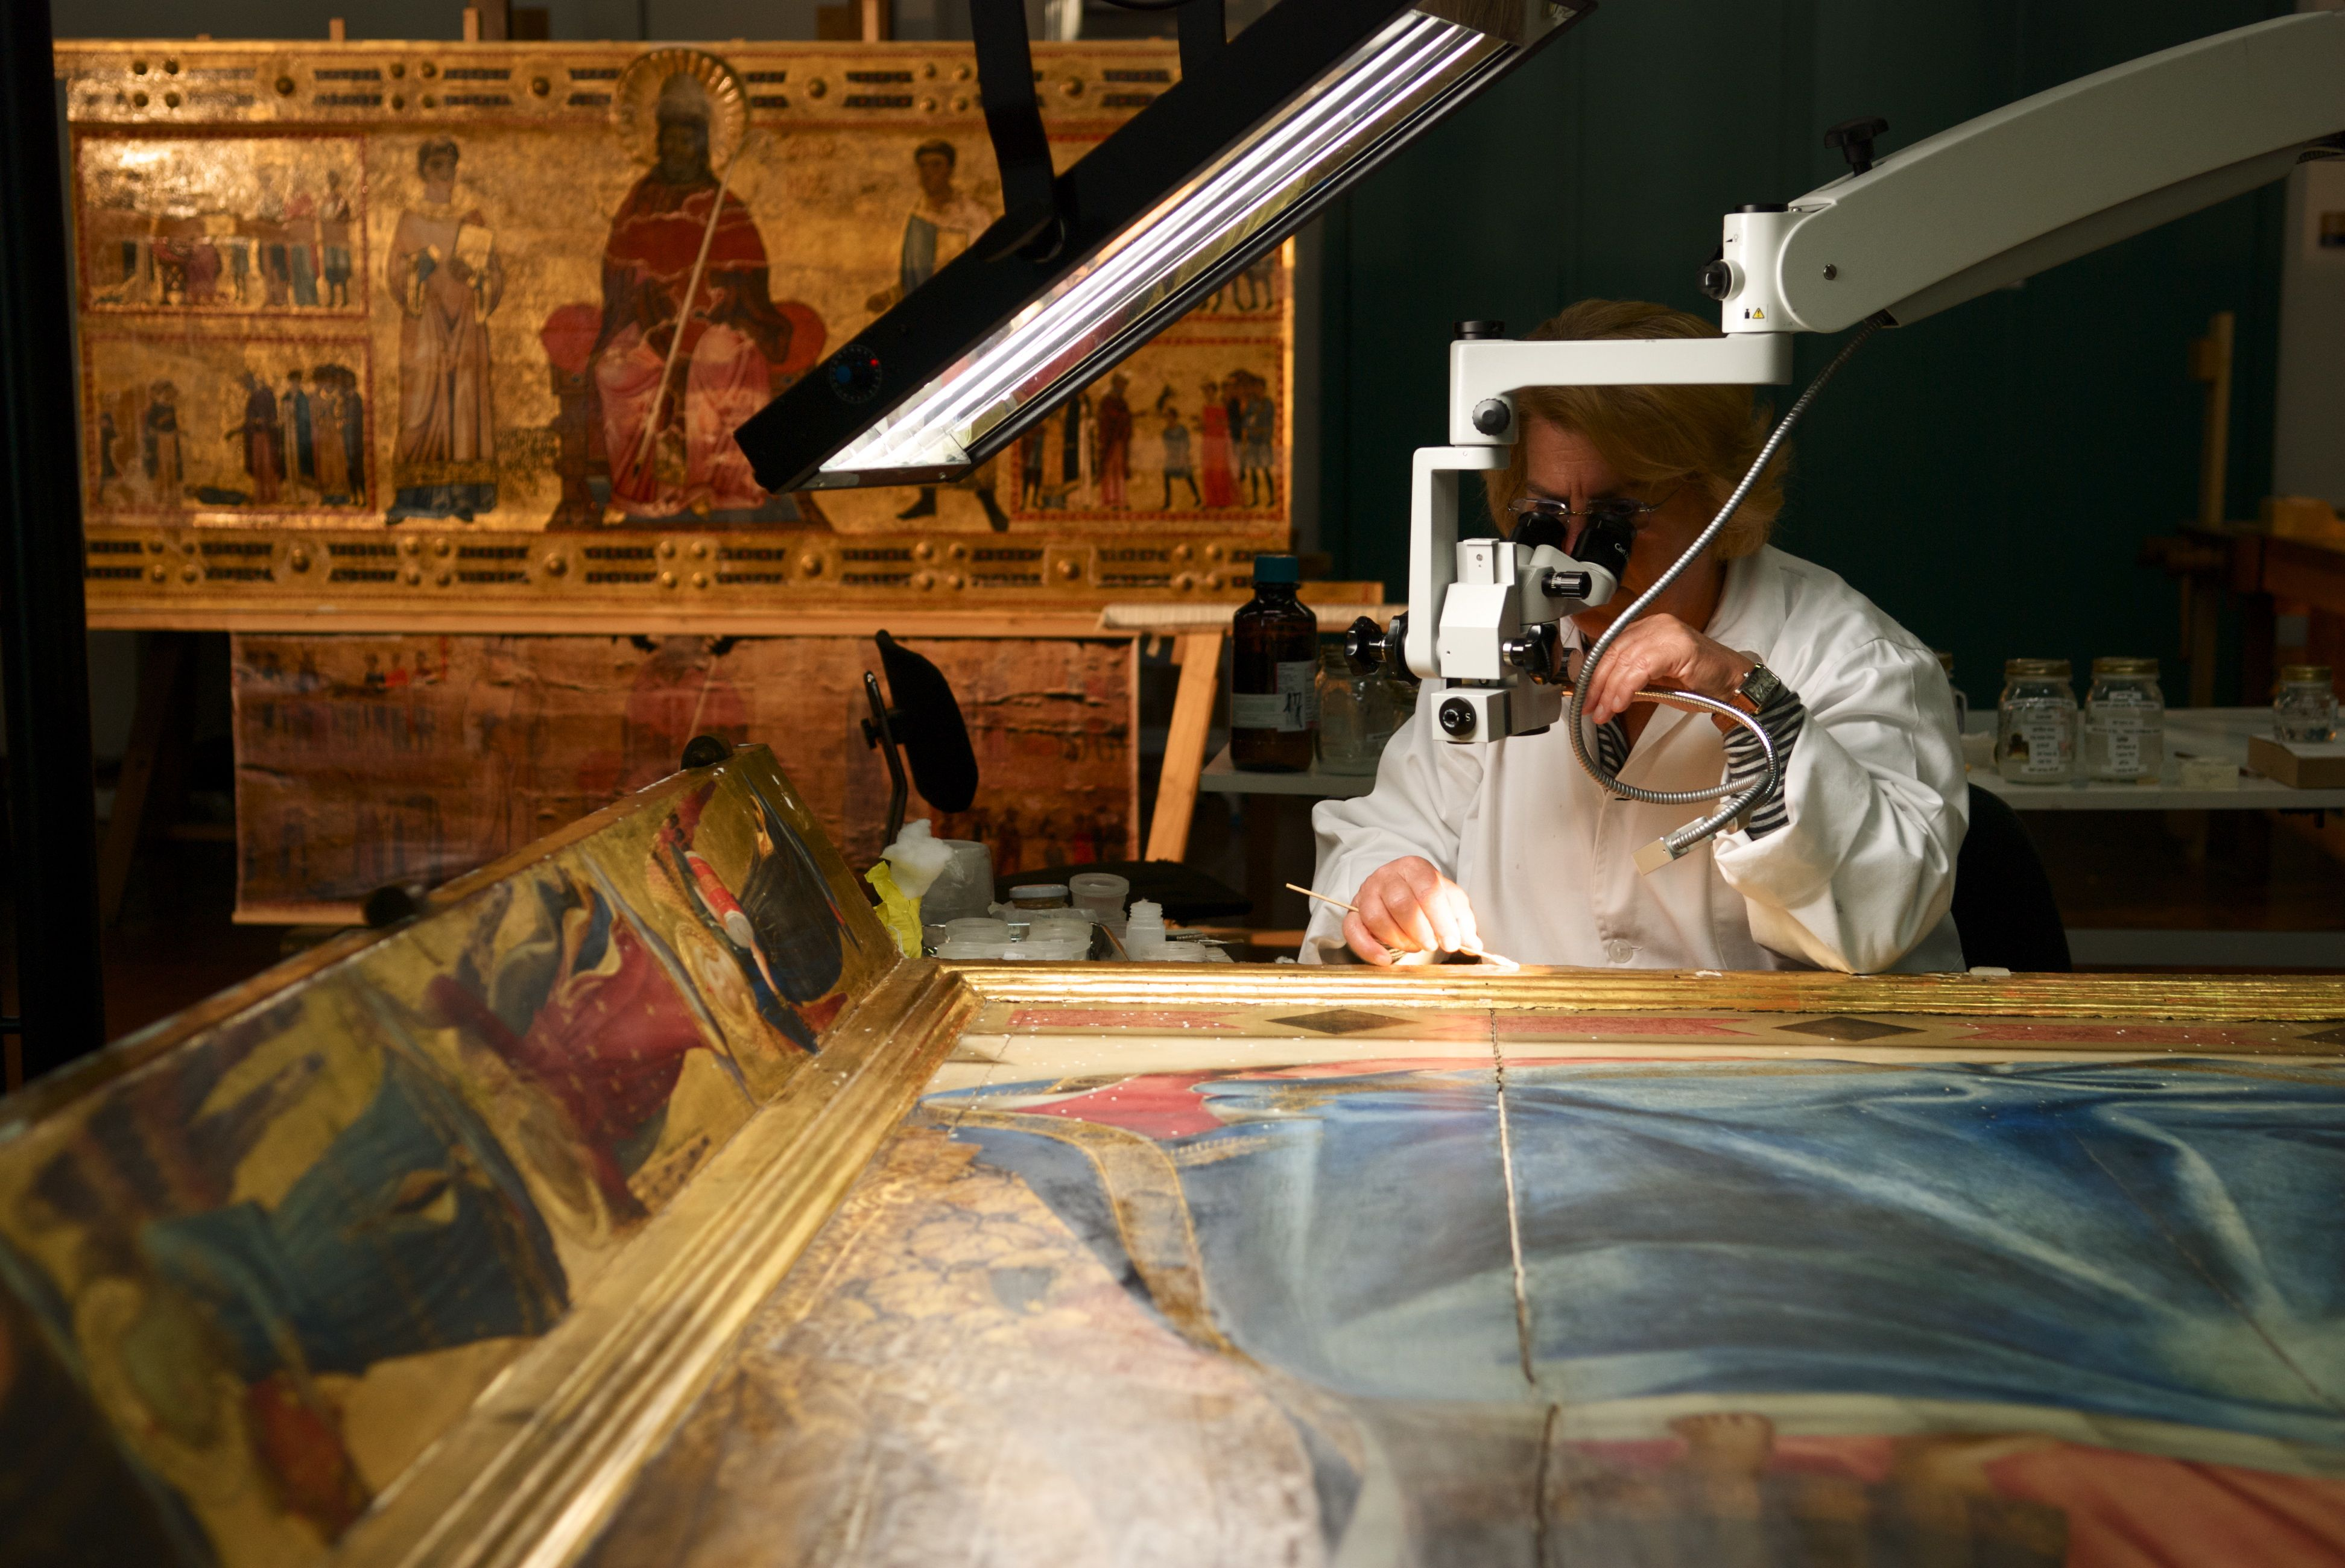 La valorizzazione dei nostri beni artistici e culturali è uno dei principali ambiti nei quali la luce può giocare un ruolo determinante